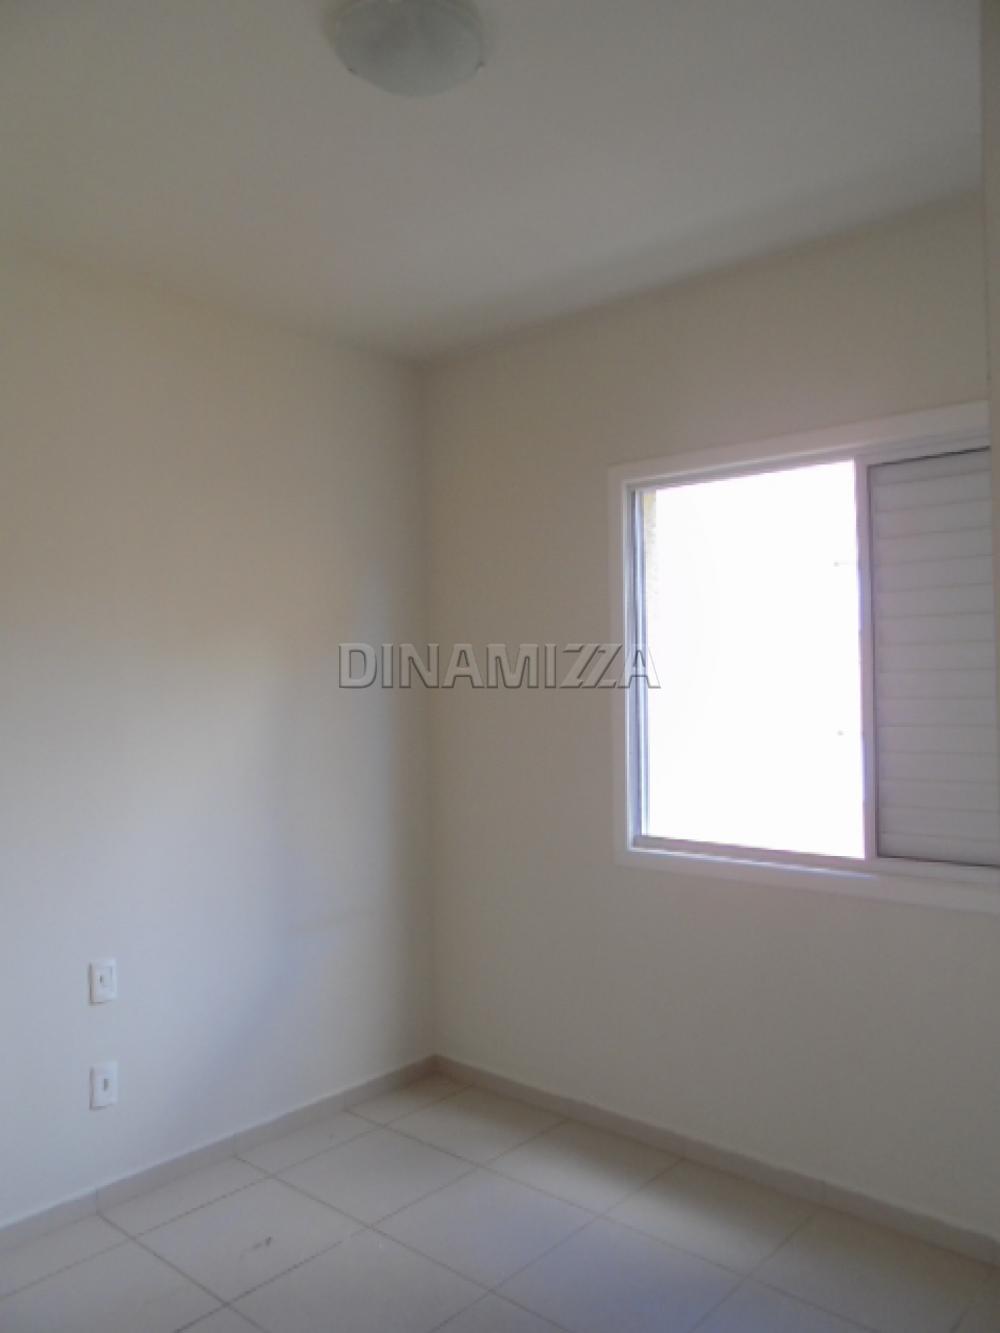 Alugar Apartamento / Padrão em Uberaba apenas R$ 850,00 - Foto 6